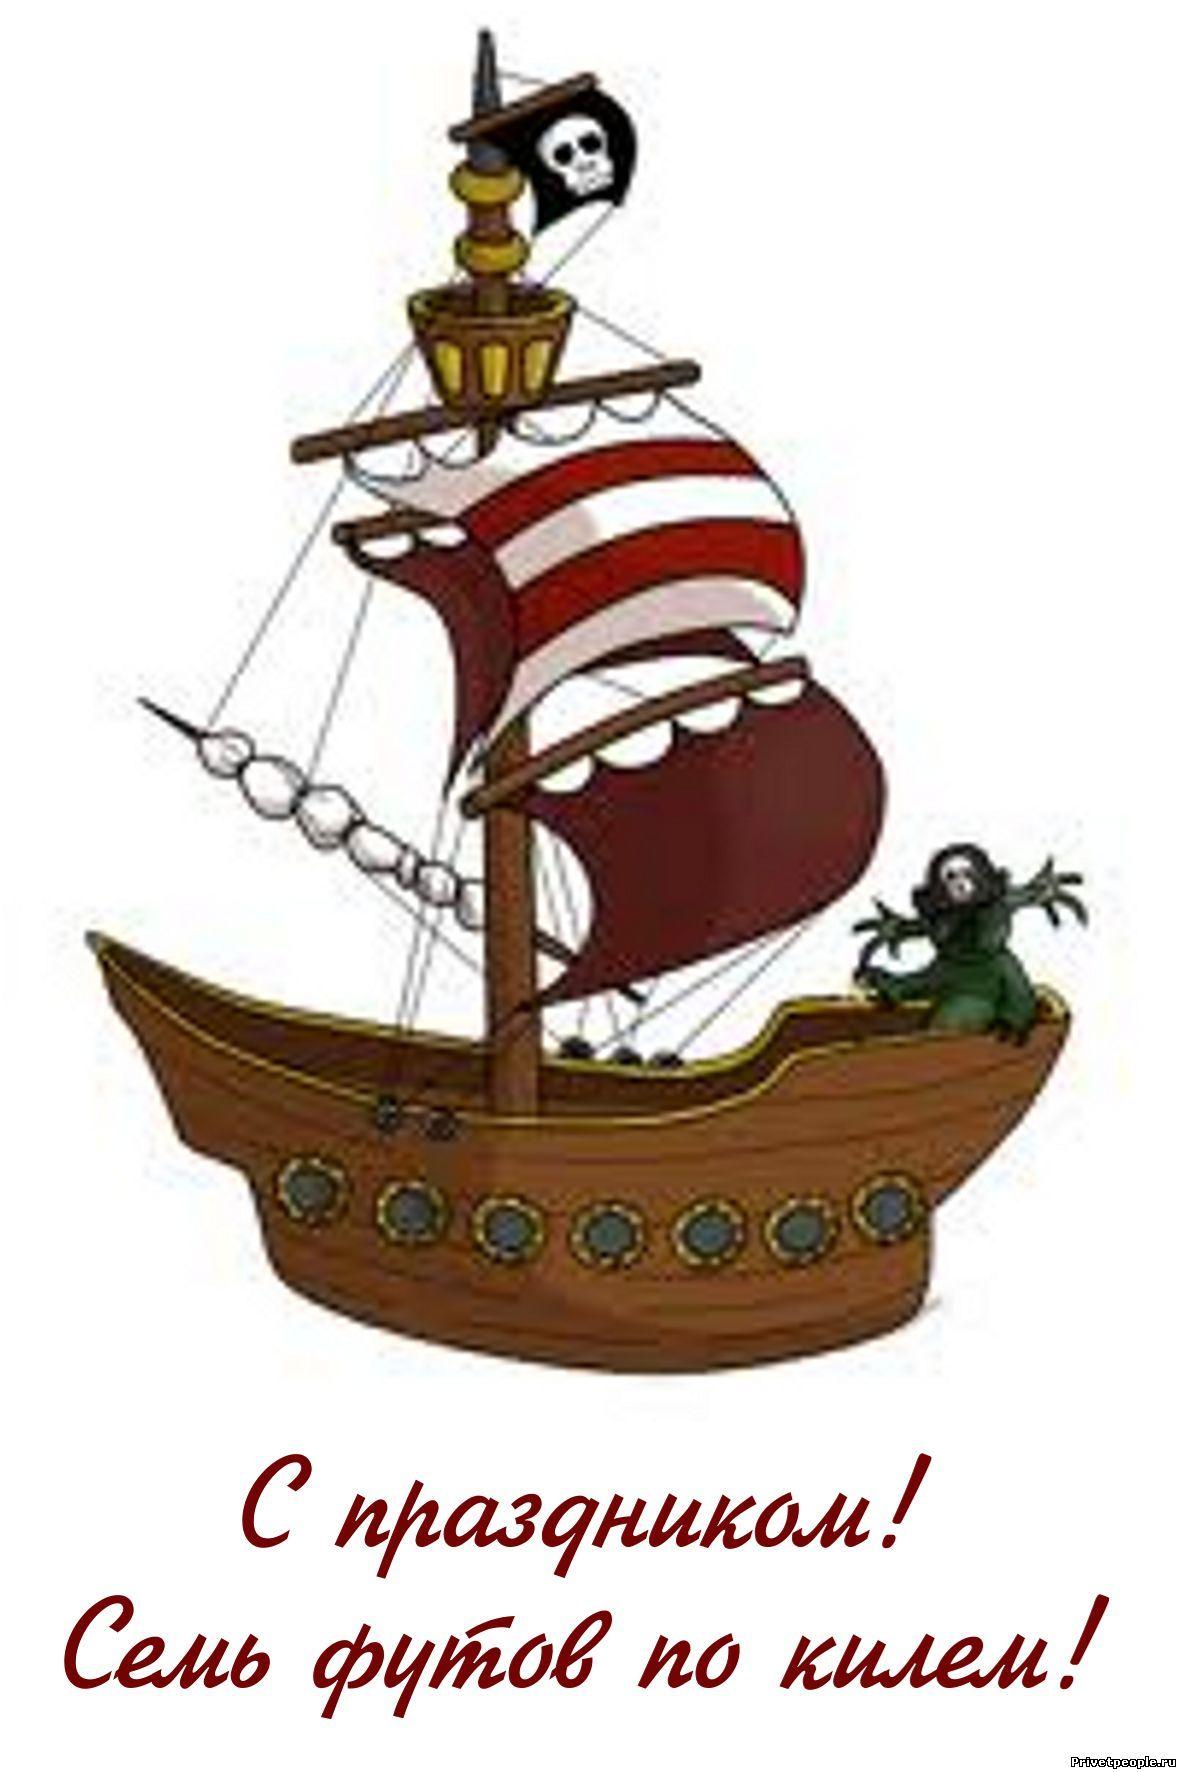 Поздравление пирату в прозе